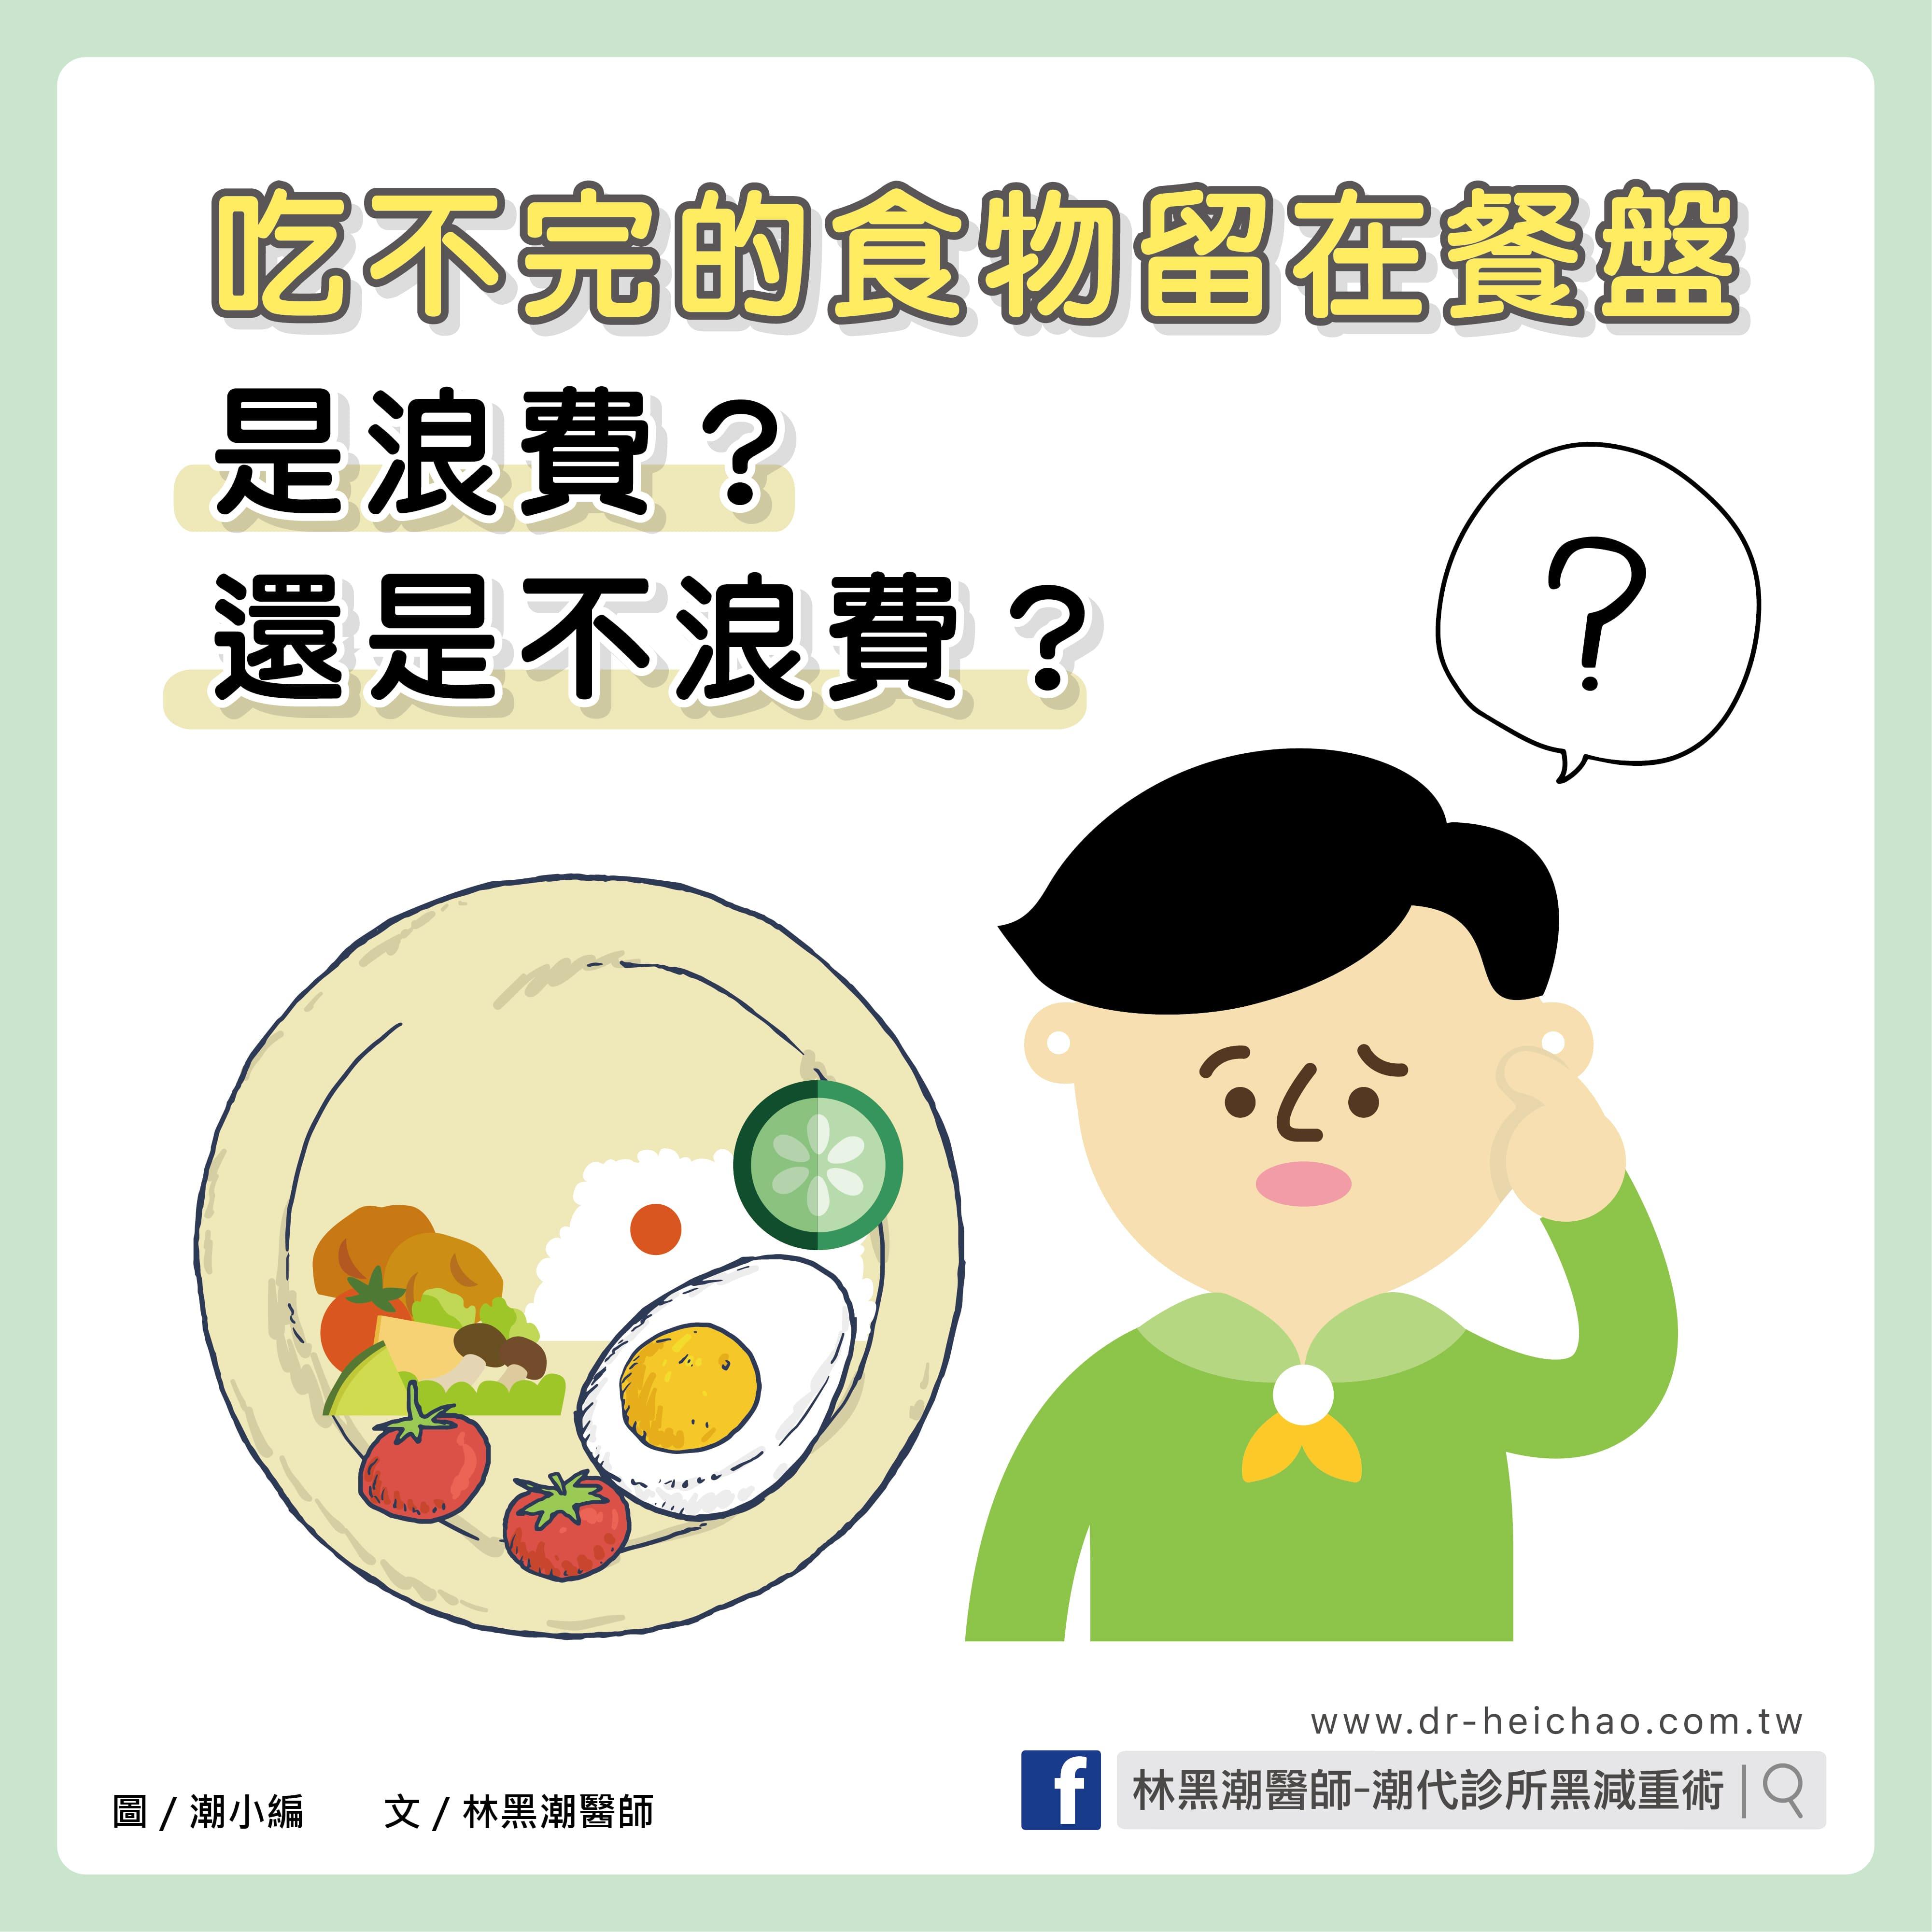 「吃不完的食物留在餐盤」是浪費?還是不浪費?/文:林黑潮醫師